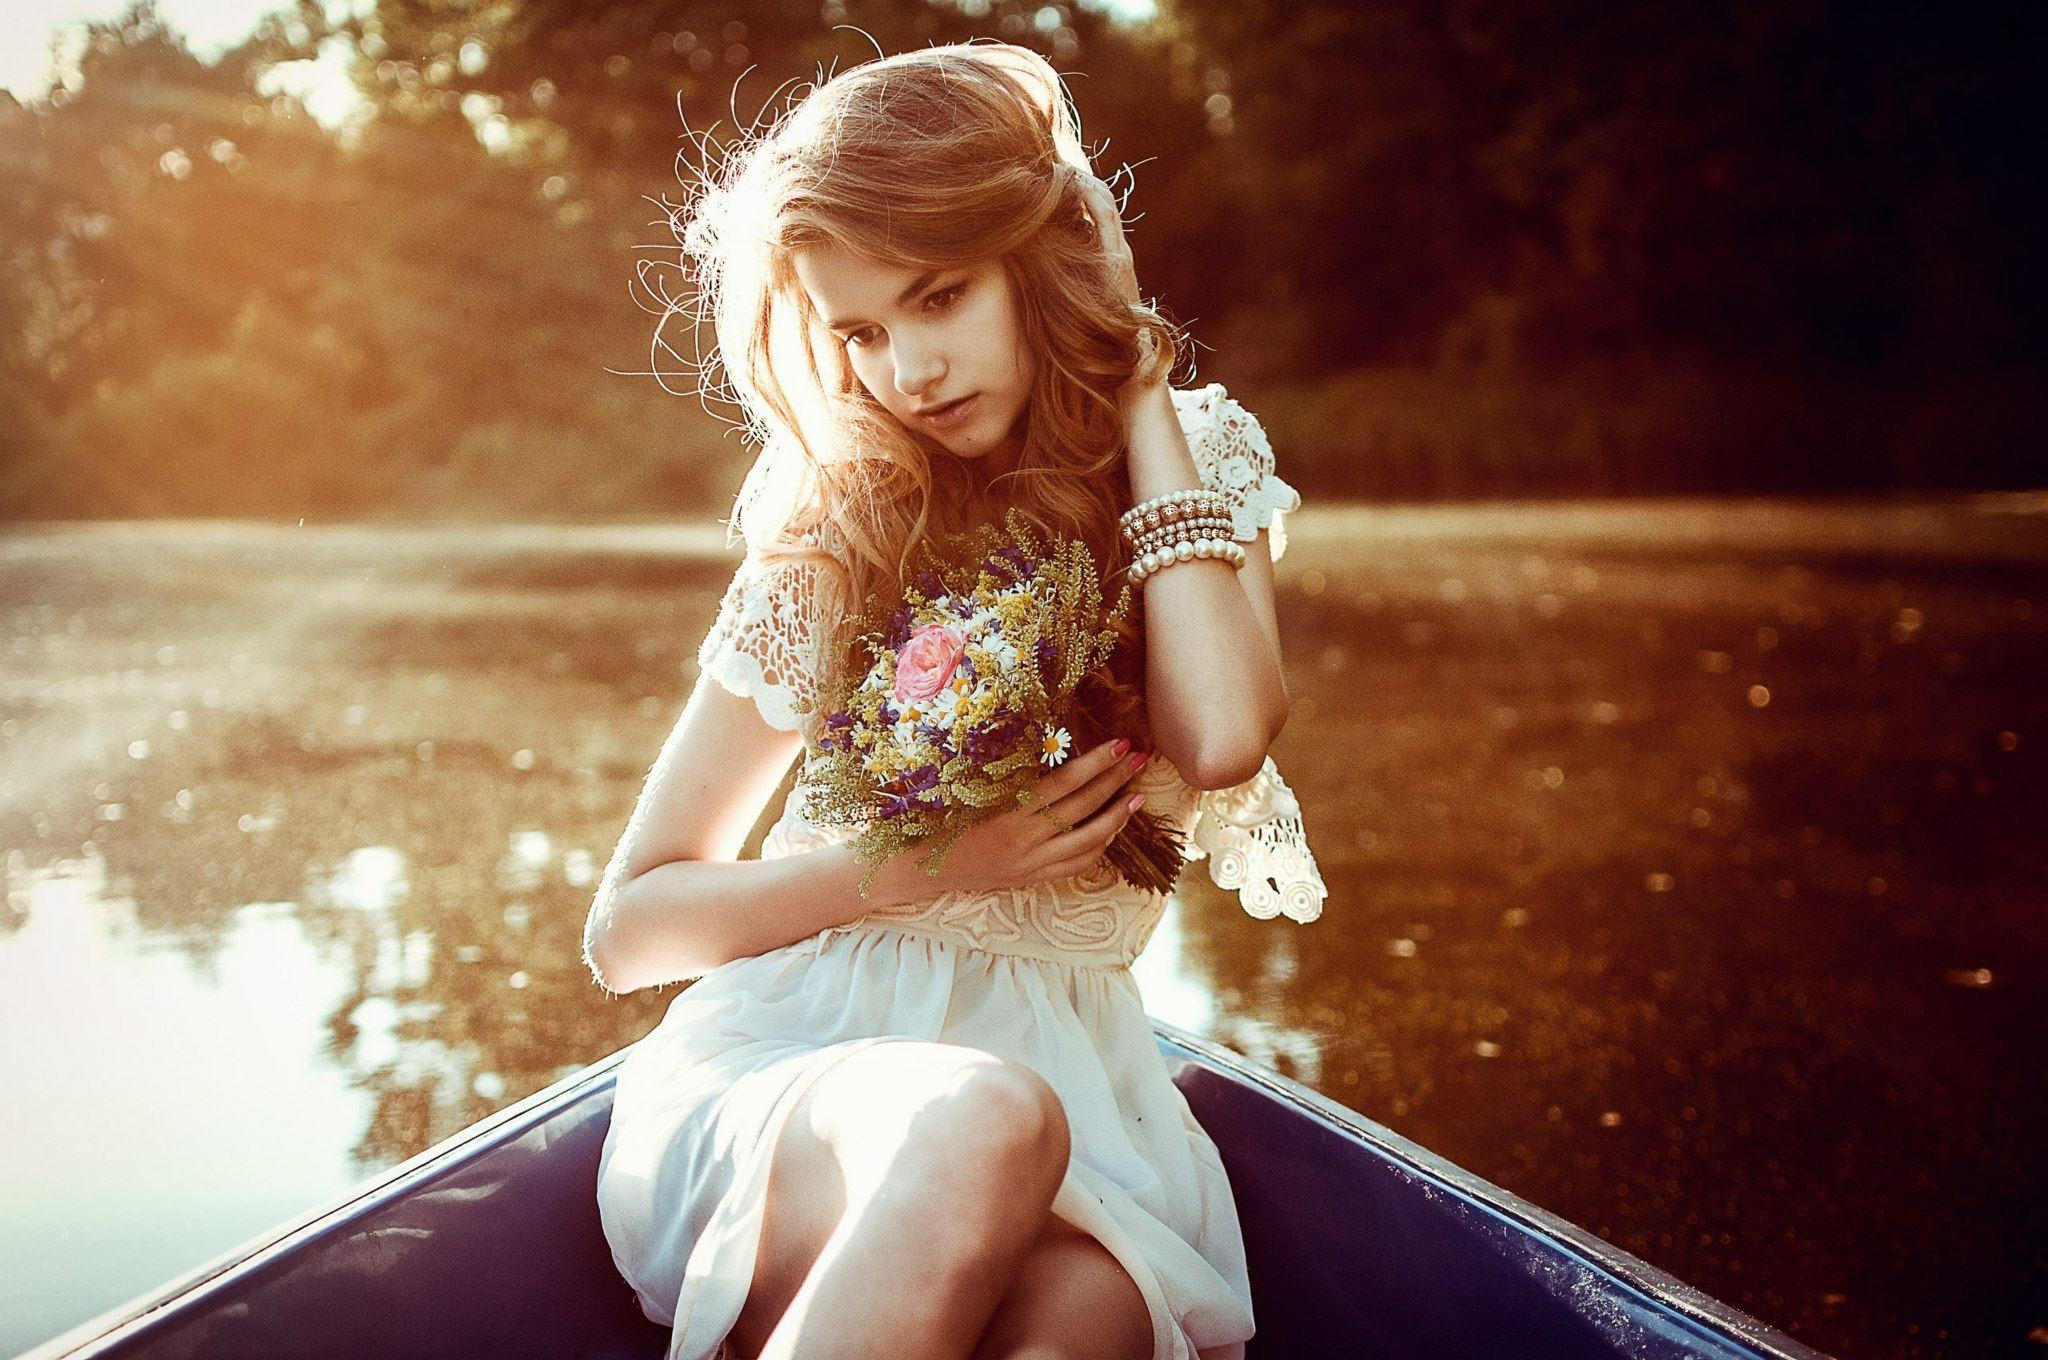 Рапунциль...))) С детства мечтала о роскошной и длинных волосах....